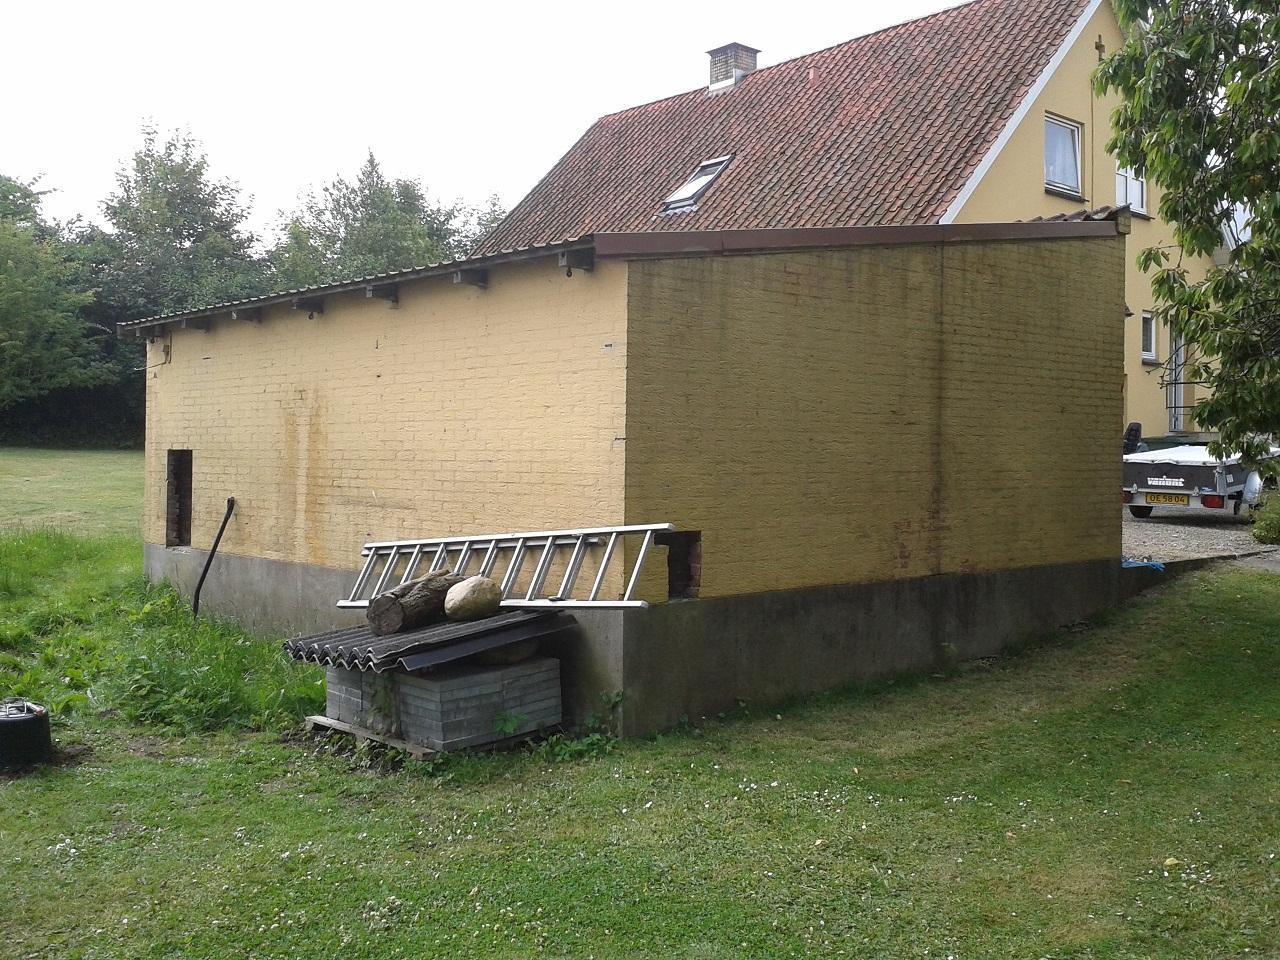 Garage. -Reparer eller byg nyt - Lav-det-selv.dk